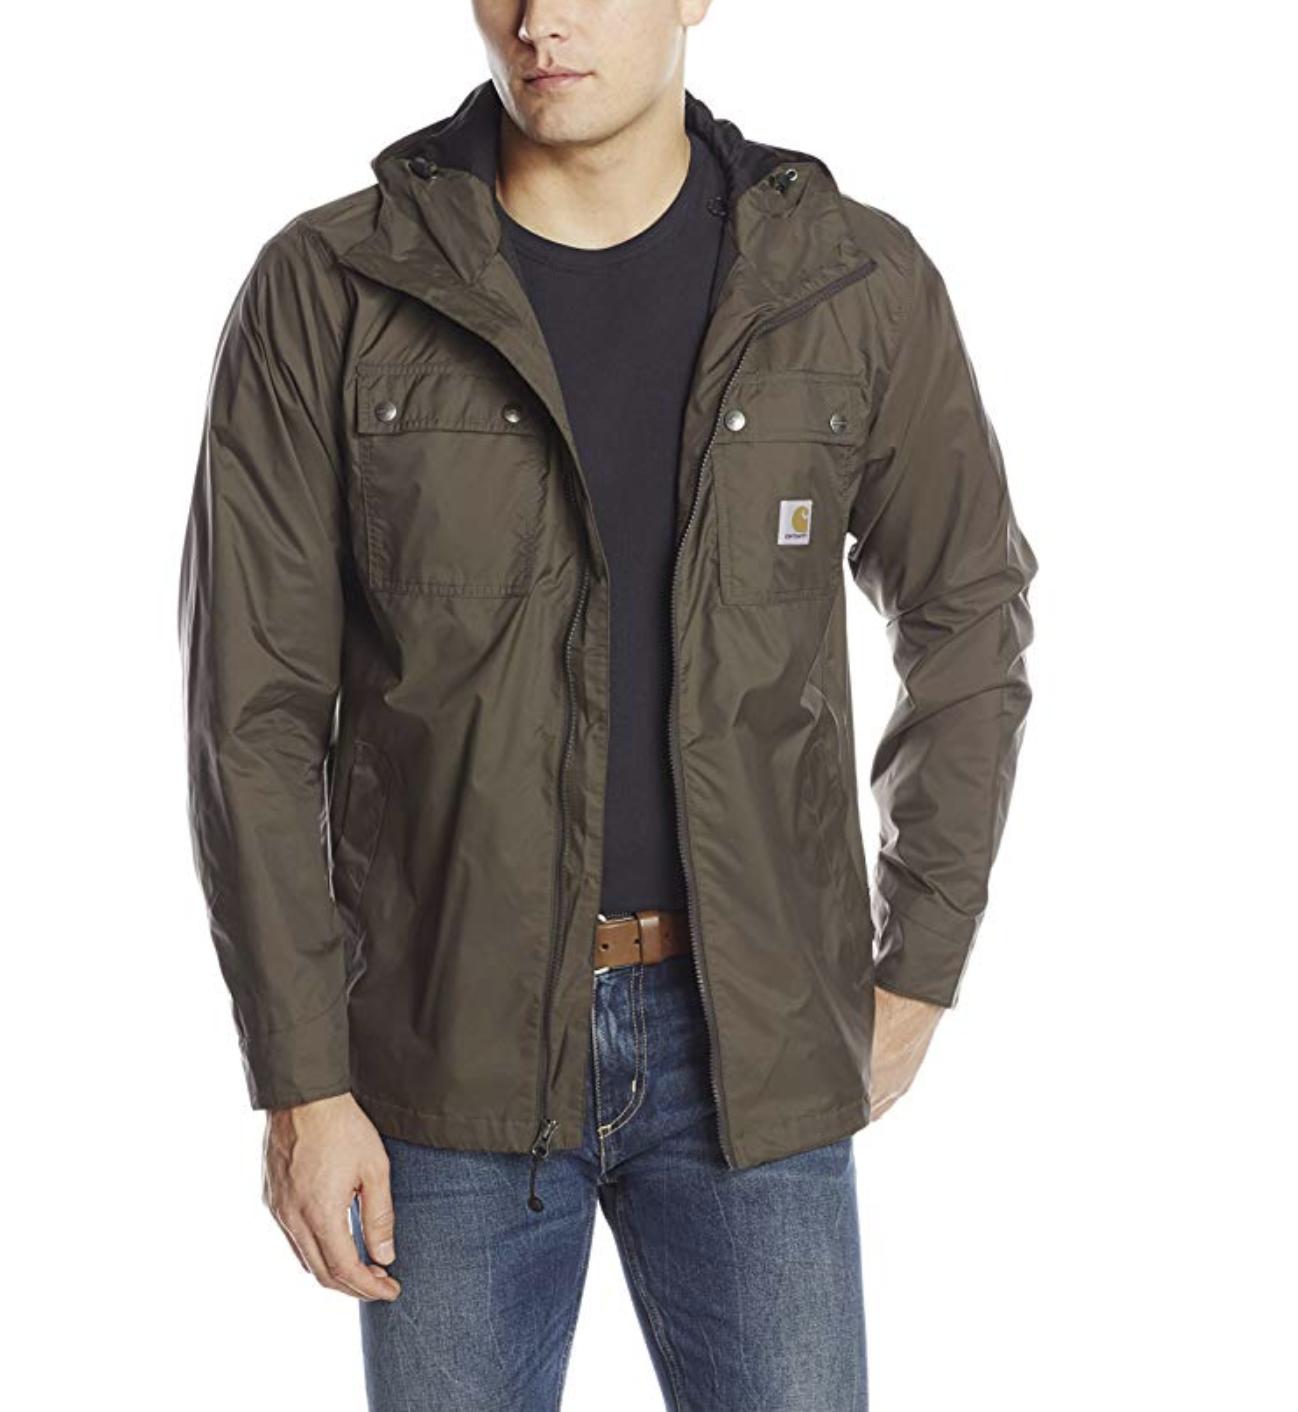 Carhartt Men's Defender Jacket green